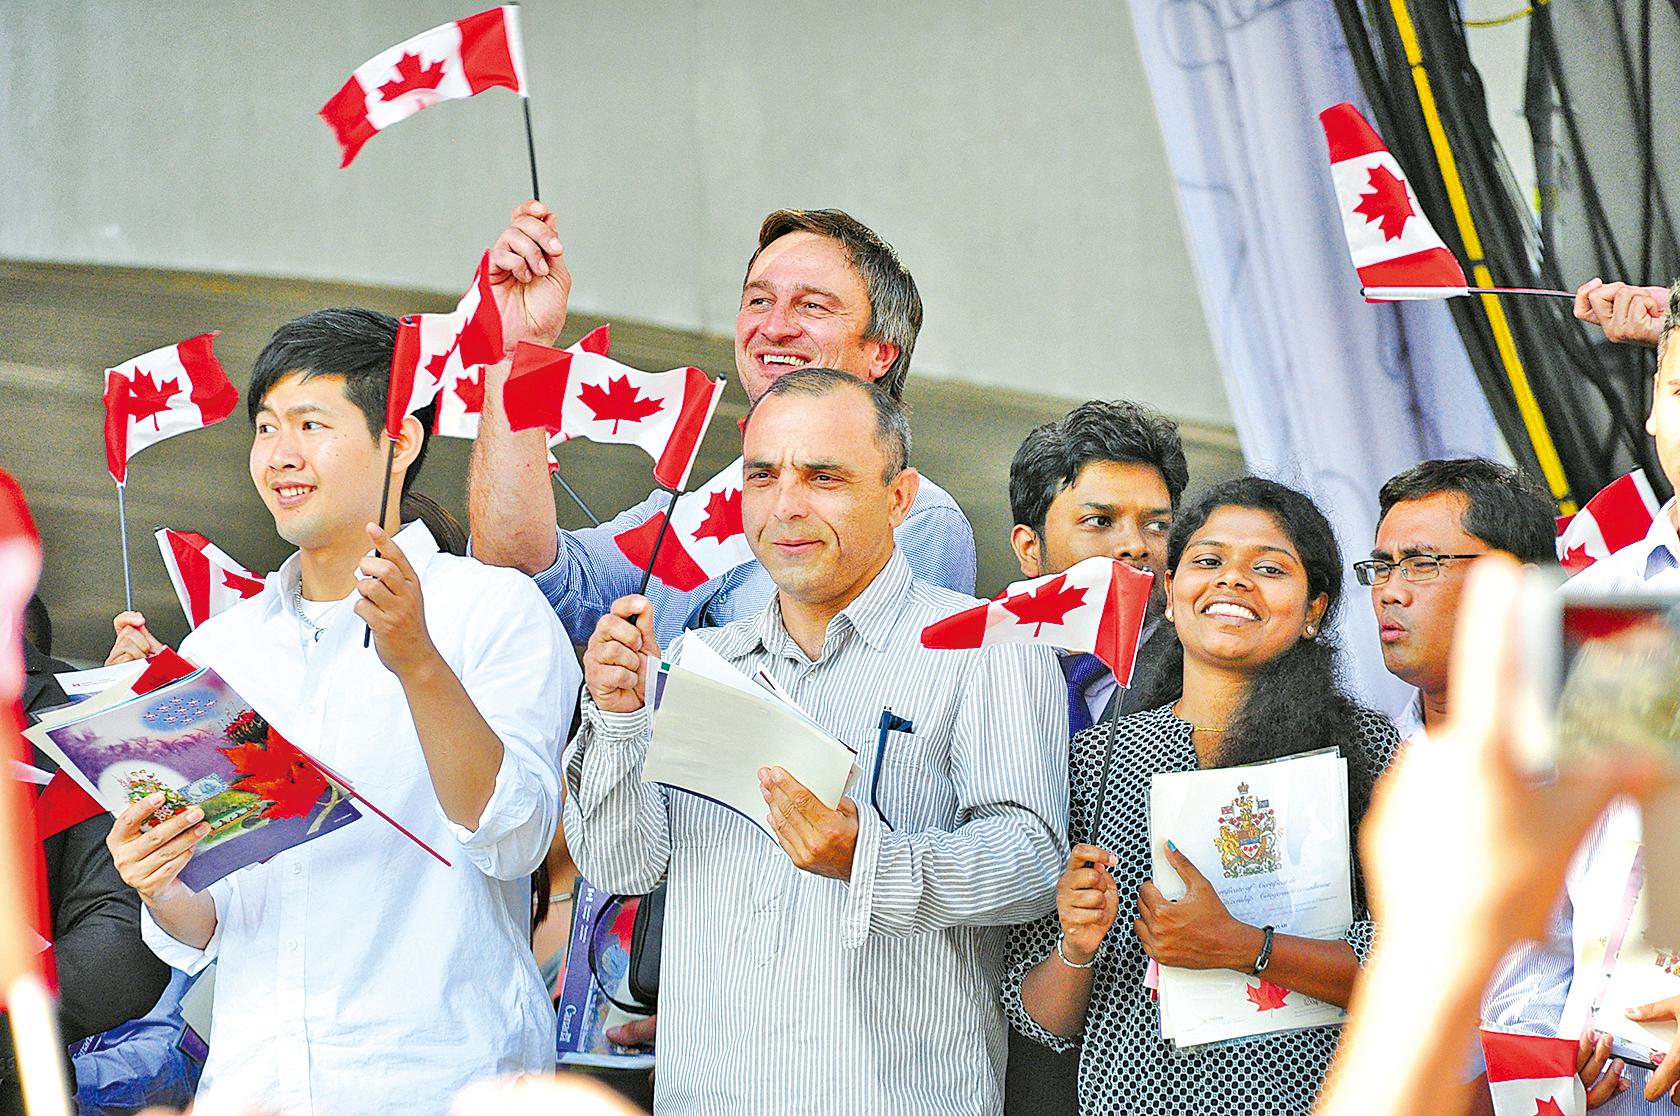 加拿大有優良的環境、公平的政治生態、生活安定,無疑是移民的好地方。(大紀元資料圖片)